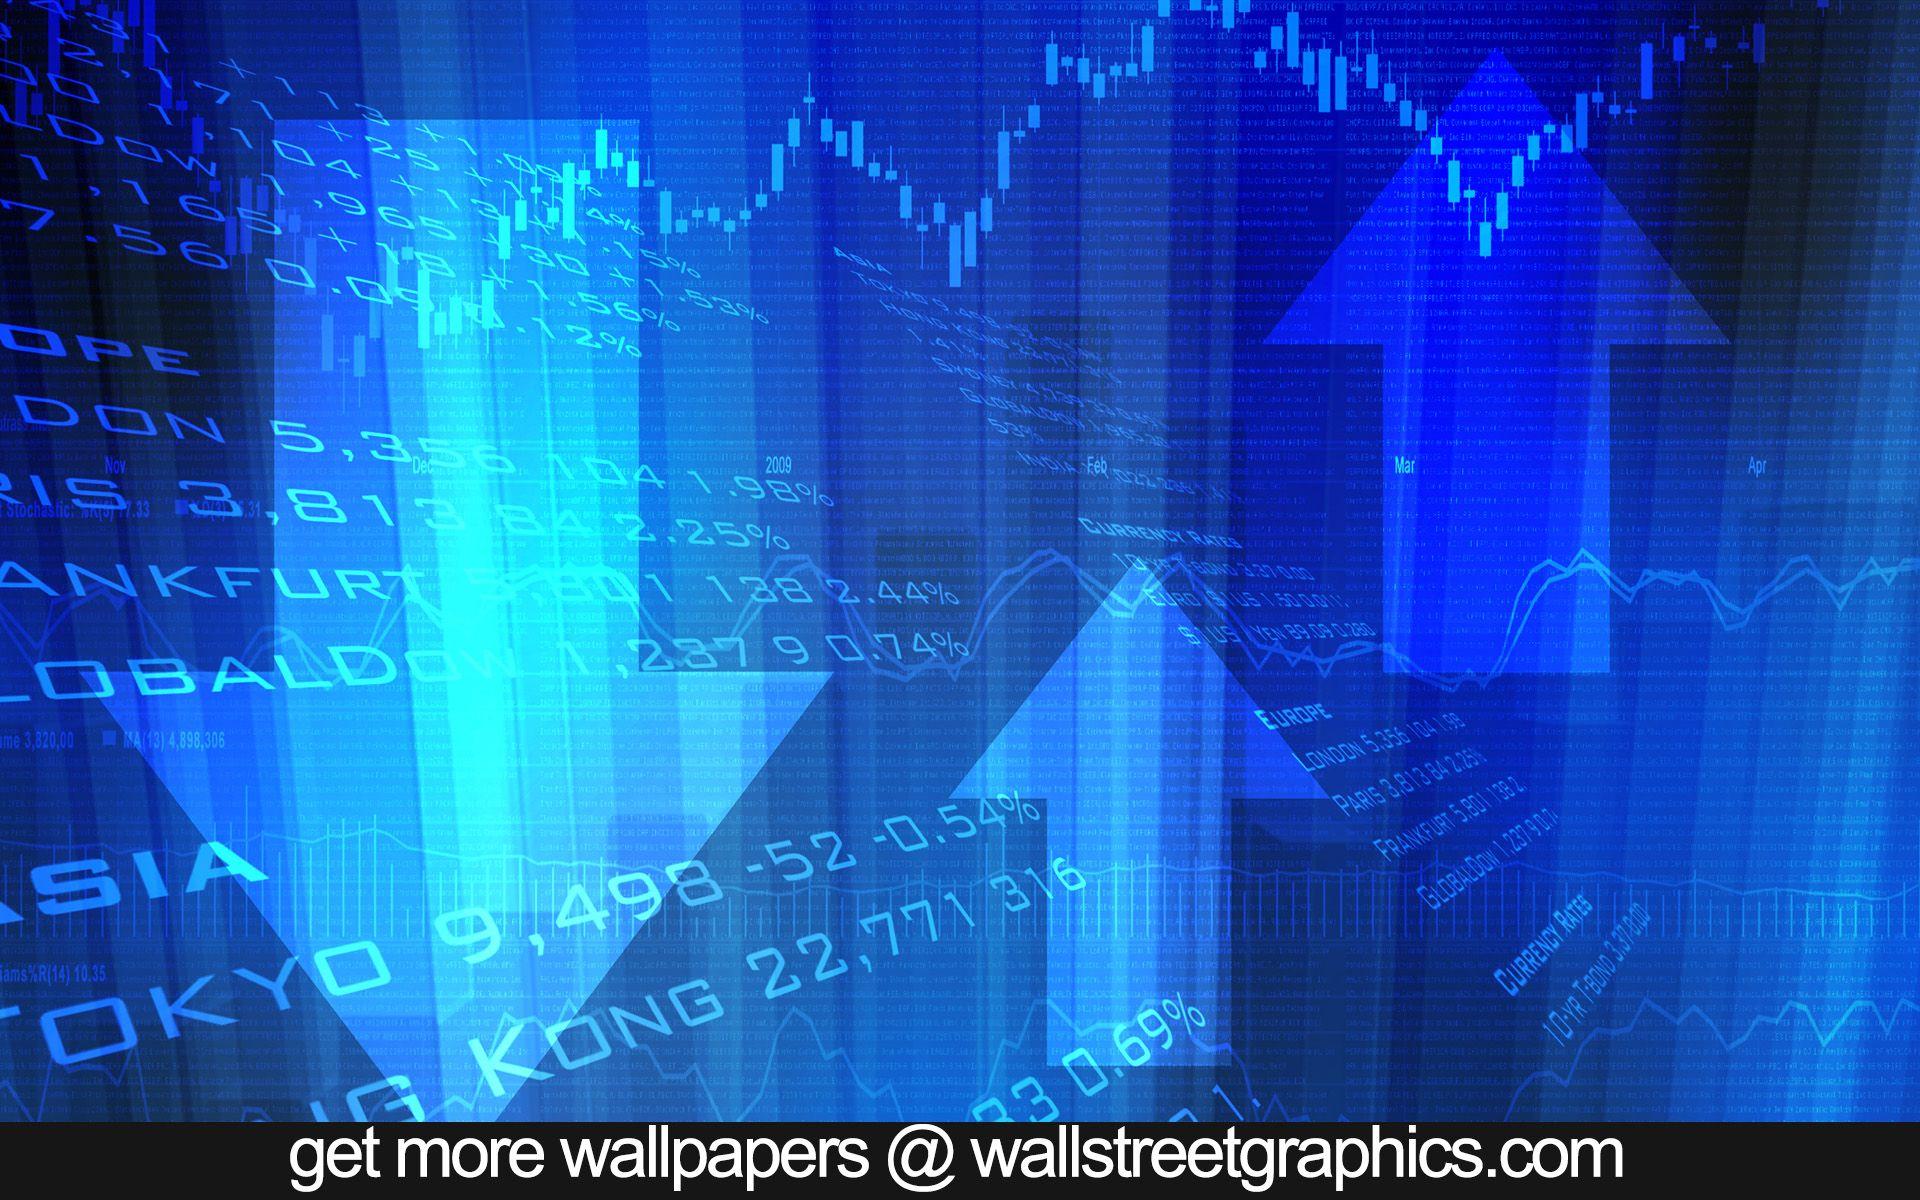 Pin by Tigist Zelleke on | New york wallpaper, Wall street stock market,…